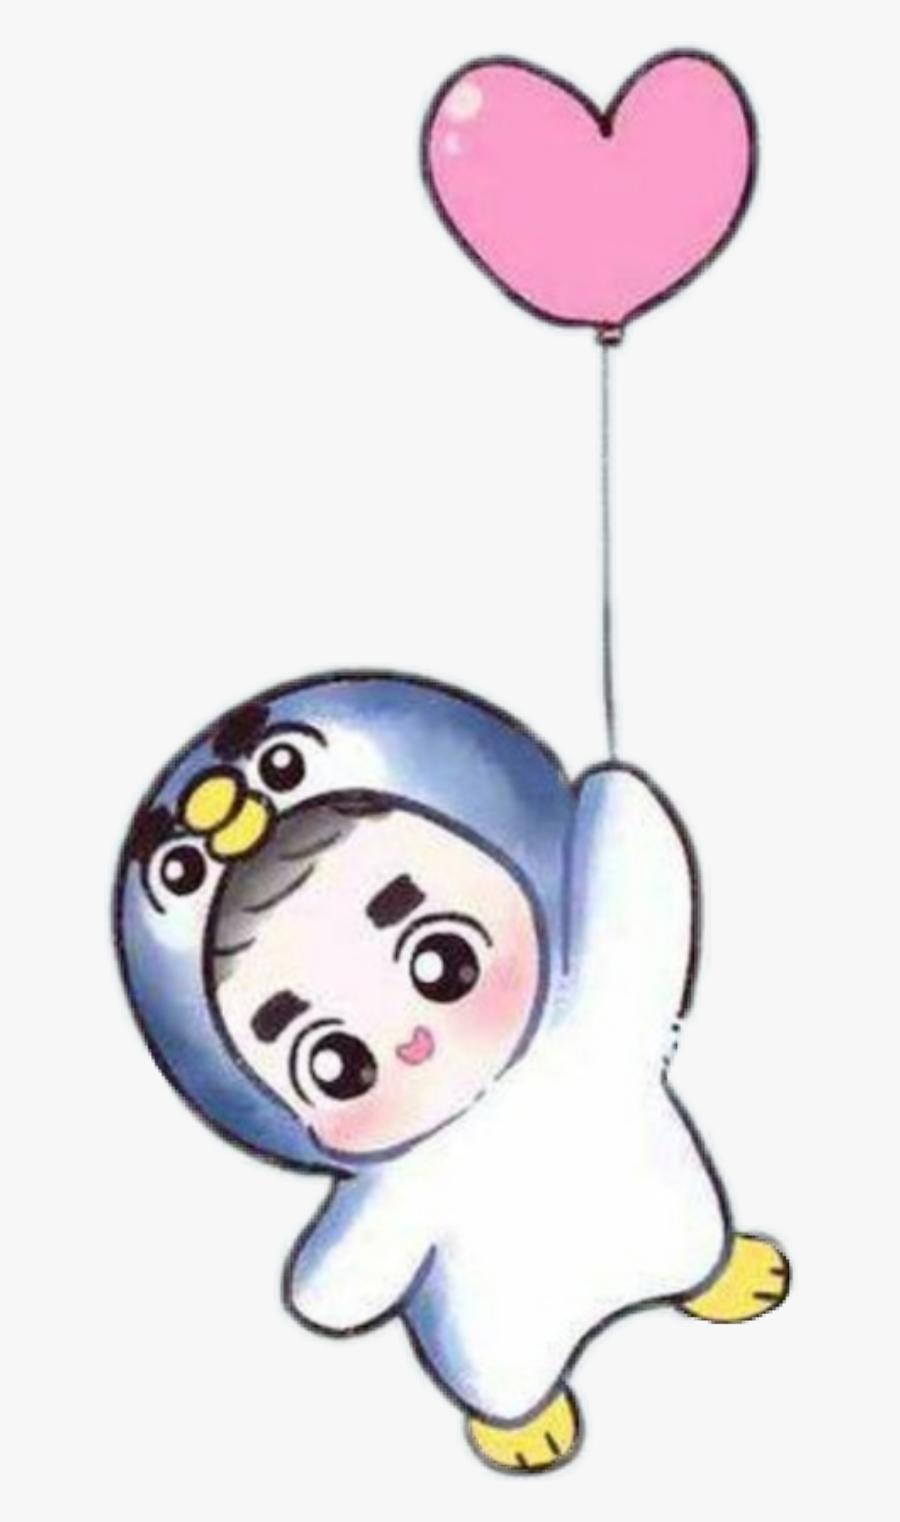 154 1547155 kyungsoo exo kpop cute do exo chibi